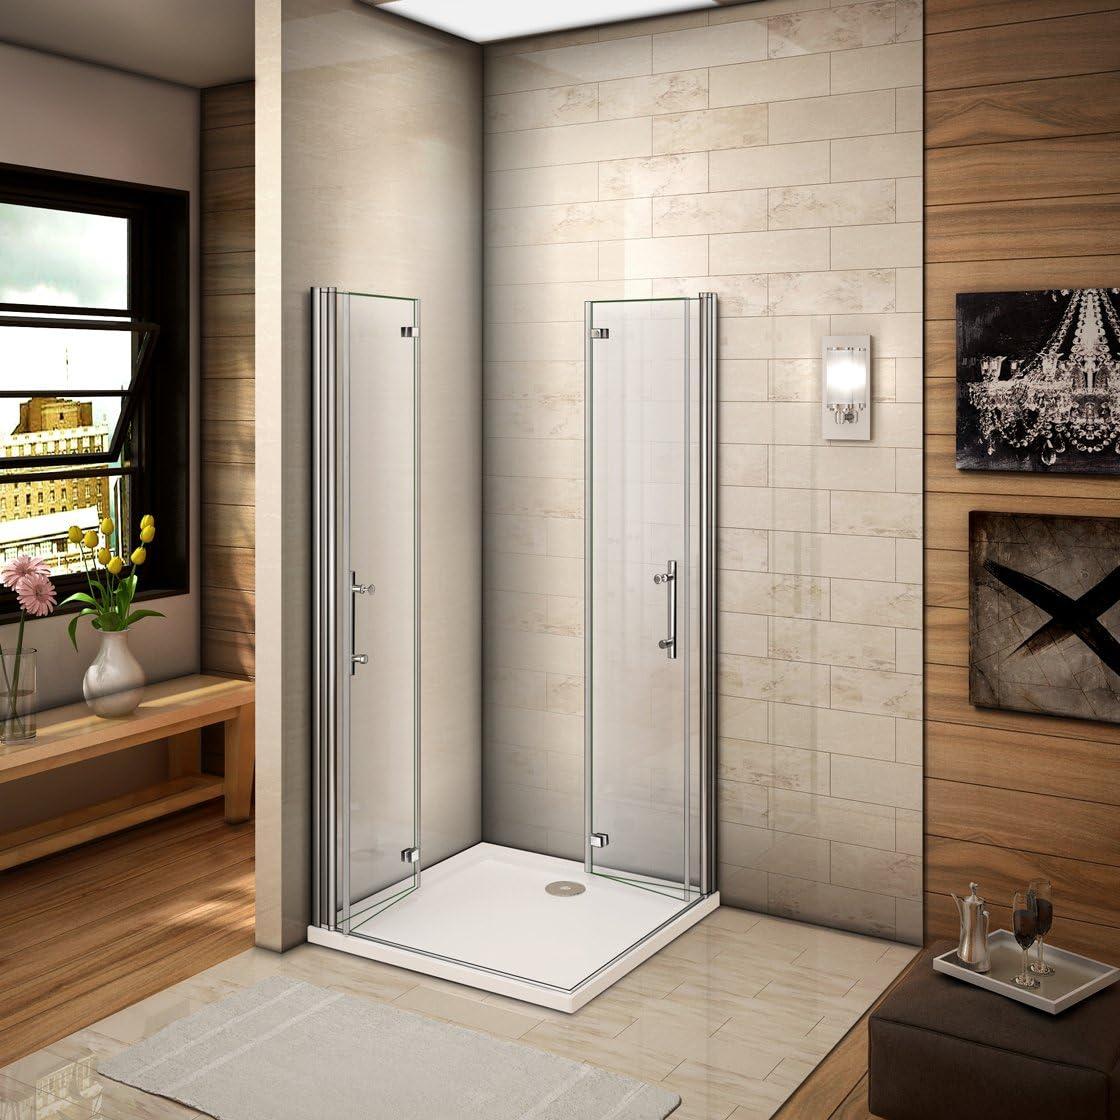 100 X 70 X 185 cm cabinas de ducha esquina ducha Mampara drehfalt Puerta Puerta de ducha (HP10 – 2 + HP70 – 2): Amazon.es: Bricolaje y herramientas